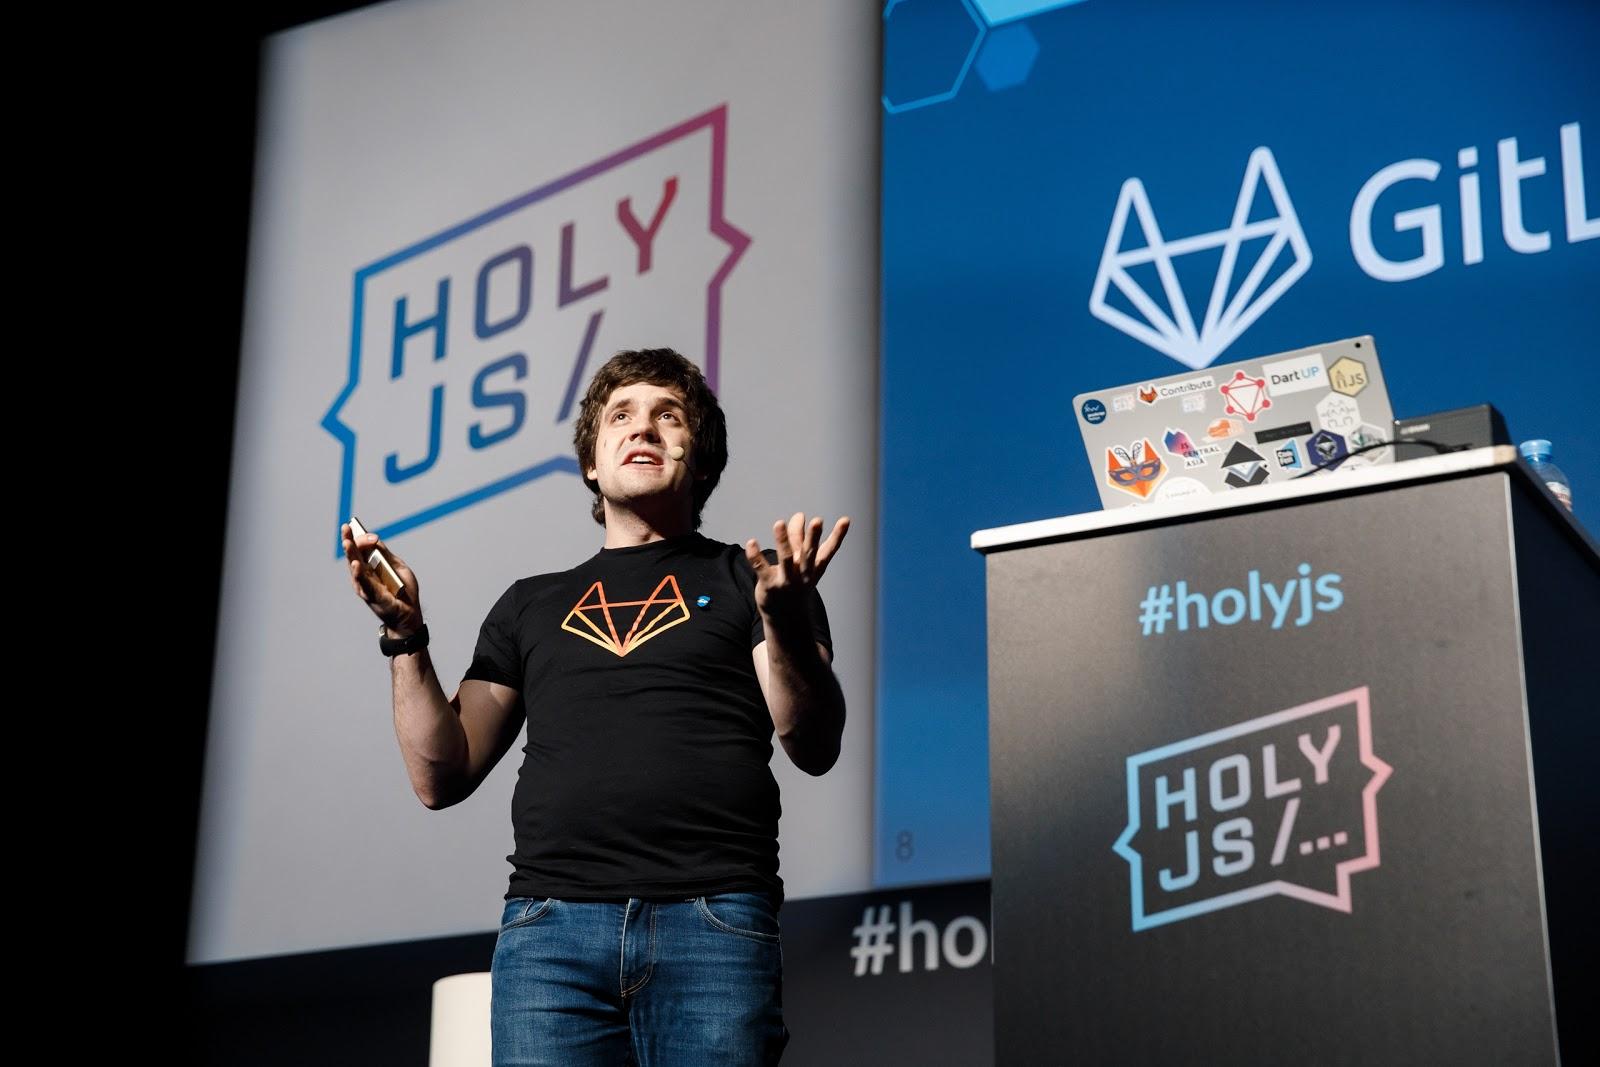 Почти всё о будущей HolyJS 2019 Moscow - 9